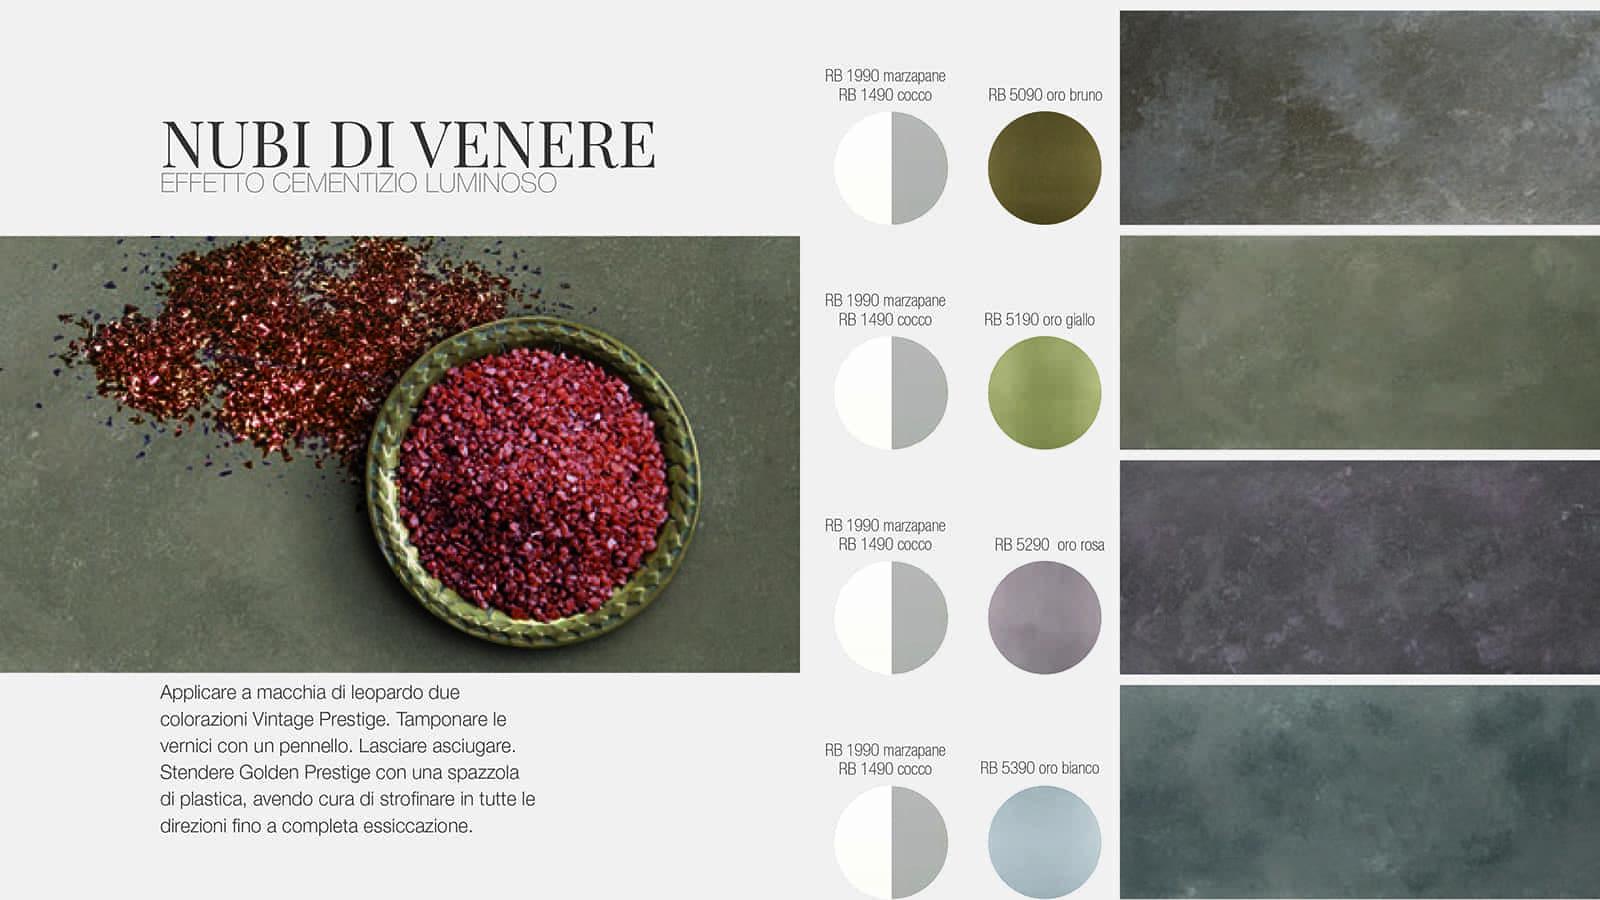 consulenza-colore-rioverde-golden-style-venere